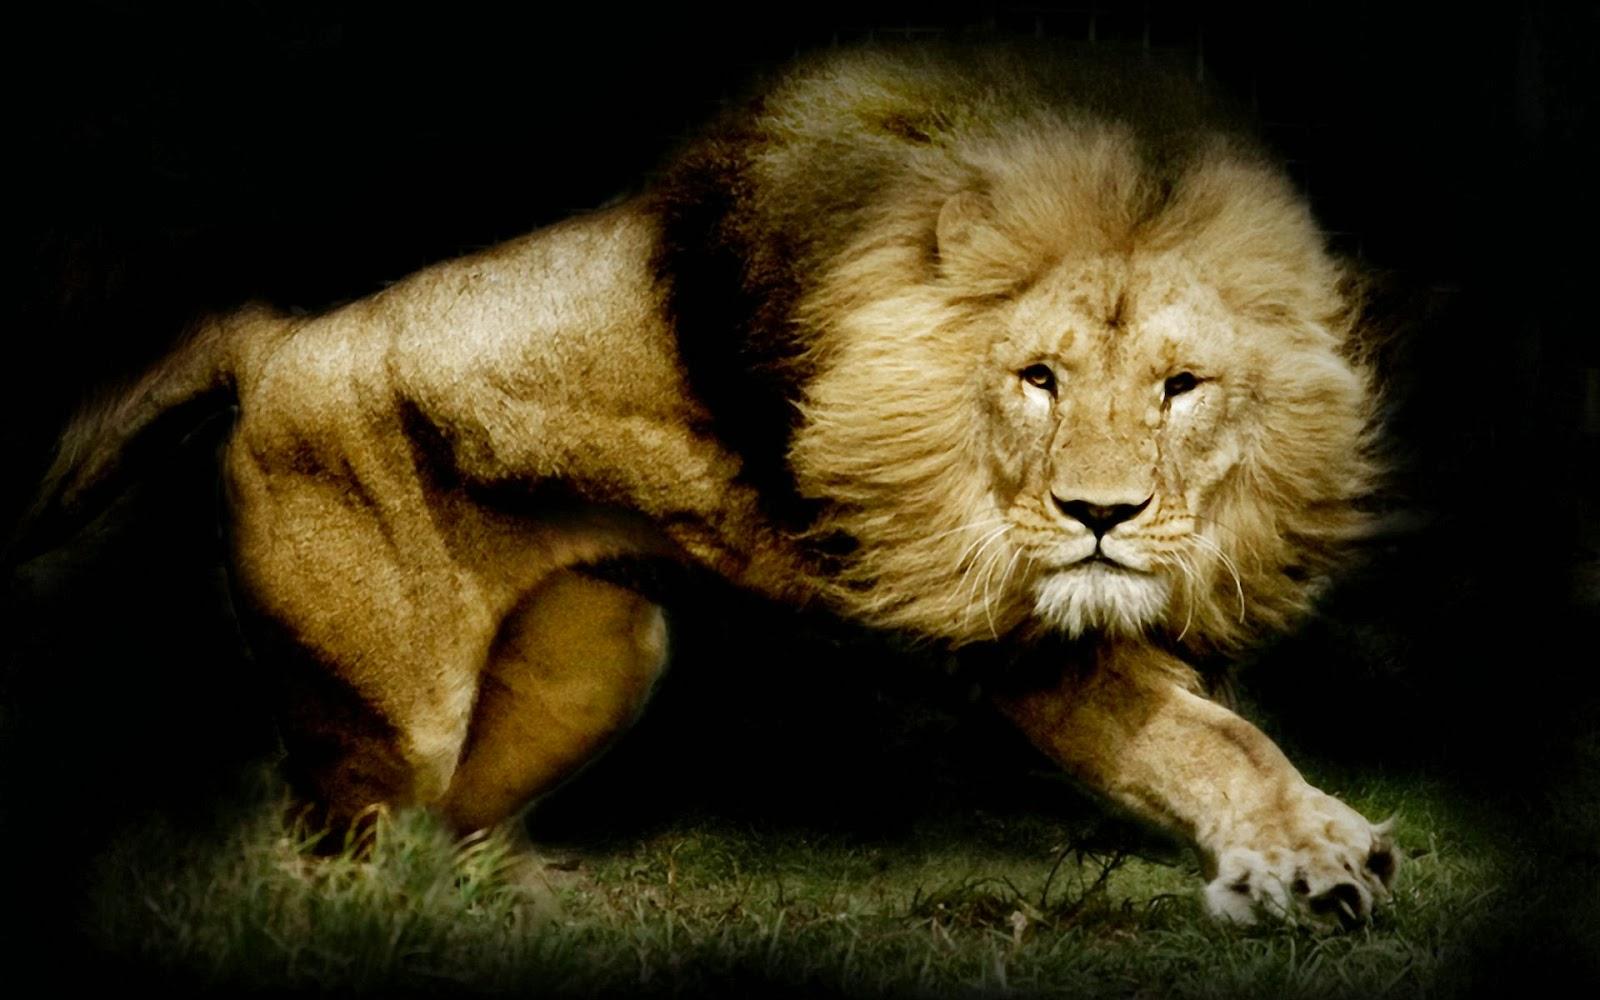 imagenes hilandy fondo de pantalla animales leon